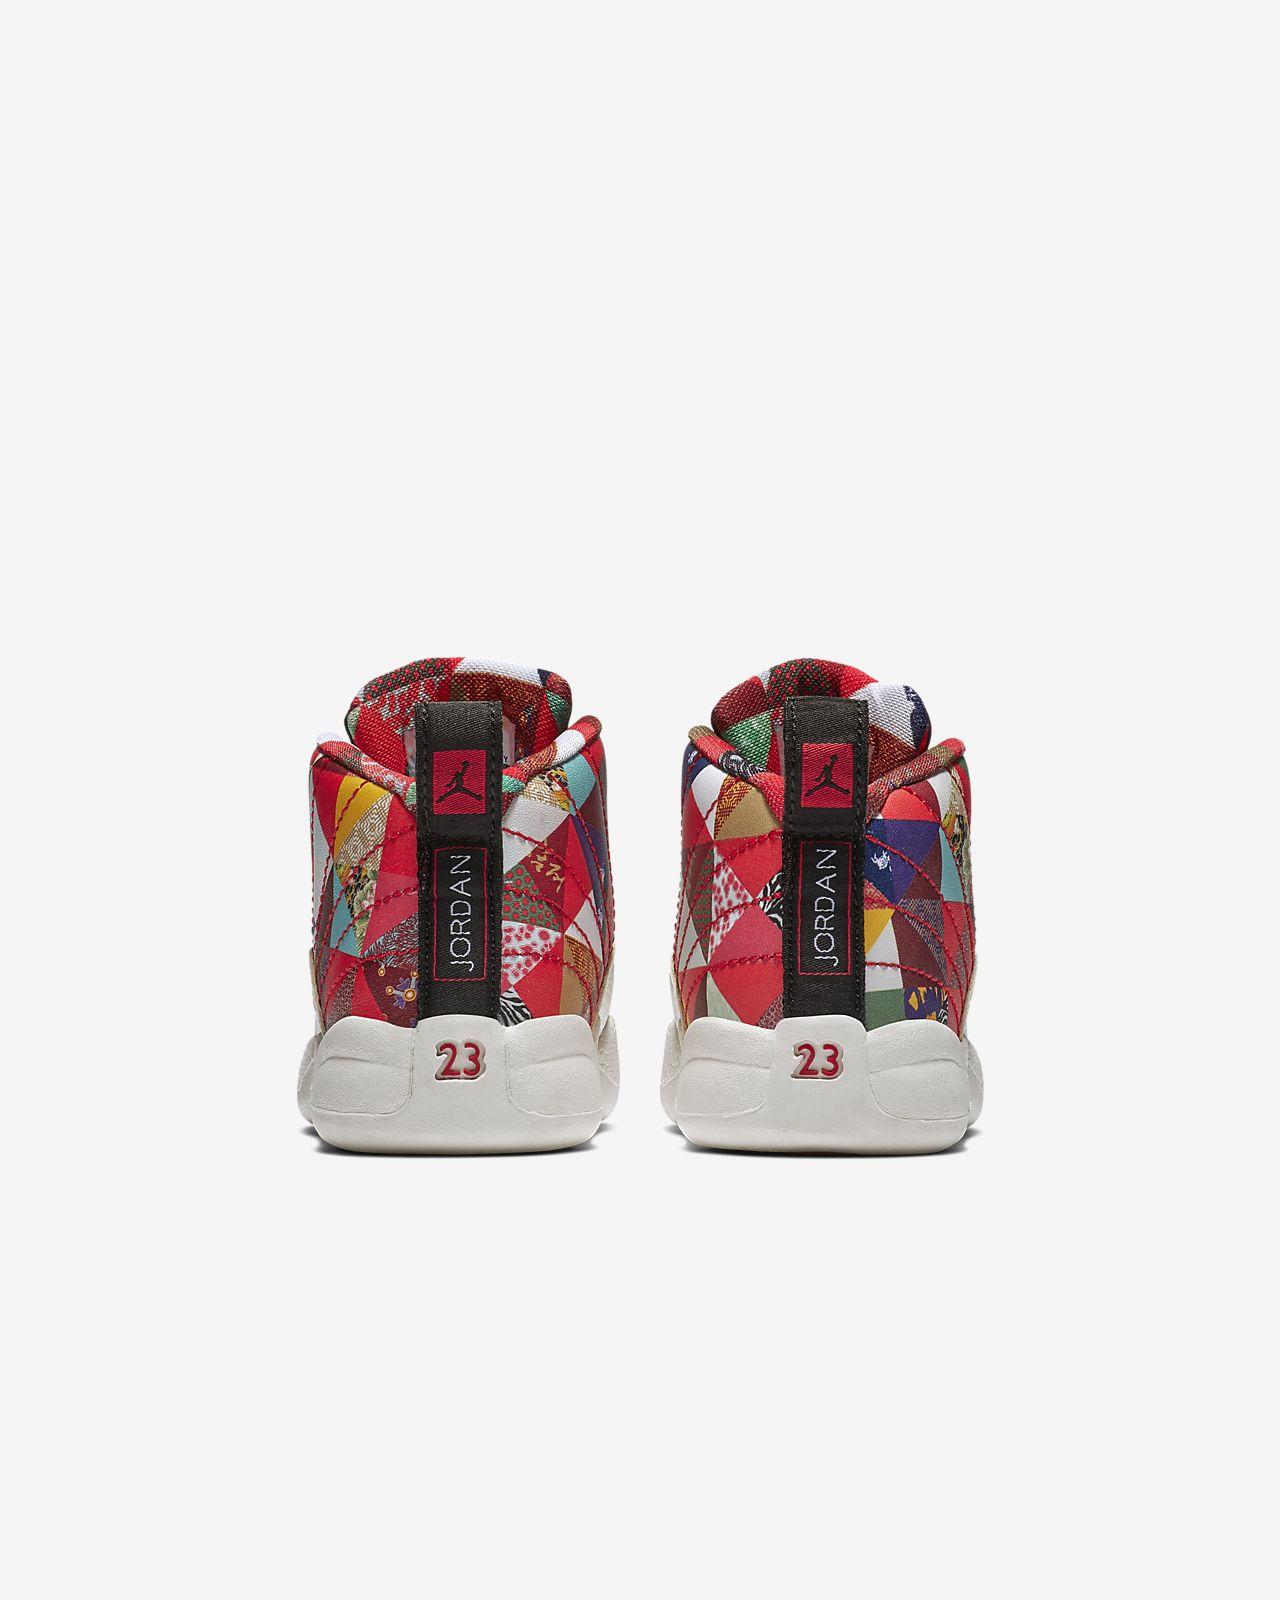 23c6f3d5d475 Air Jordan 12 Retro CNY Baby Toddler Shoe. Nike.com